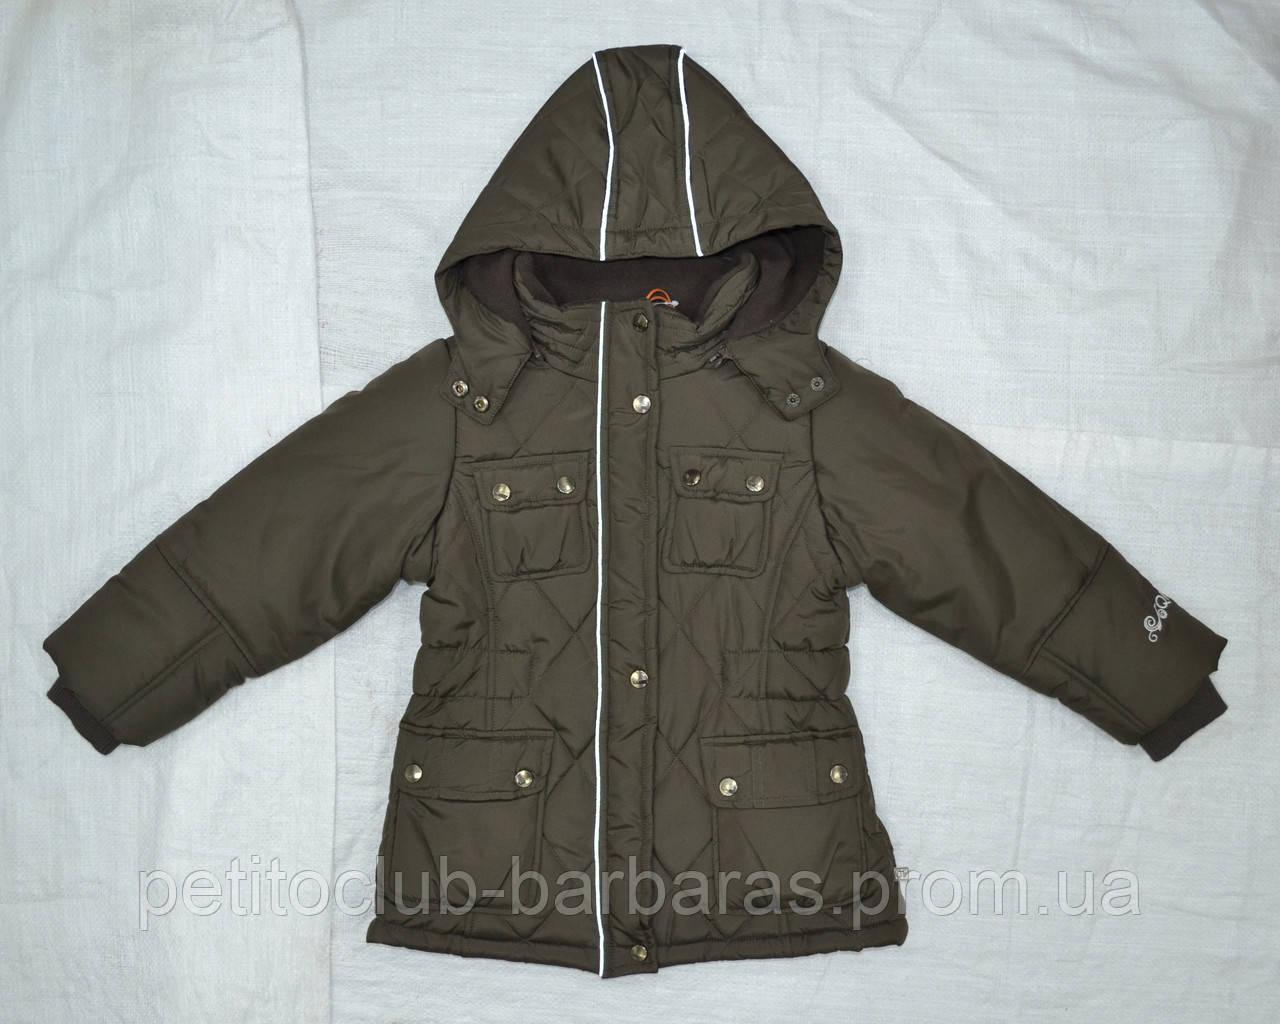 Куртка зимняя для девочки коричневая (QuadriFoglio, Польша)